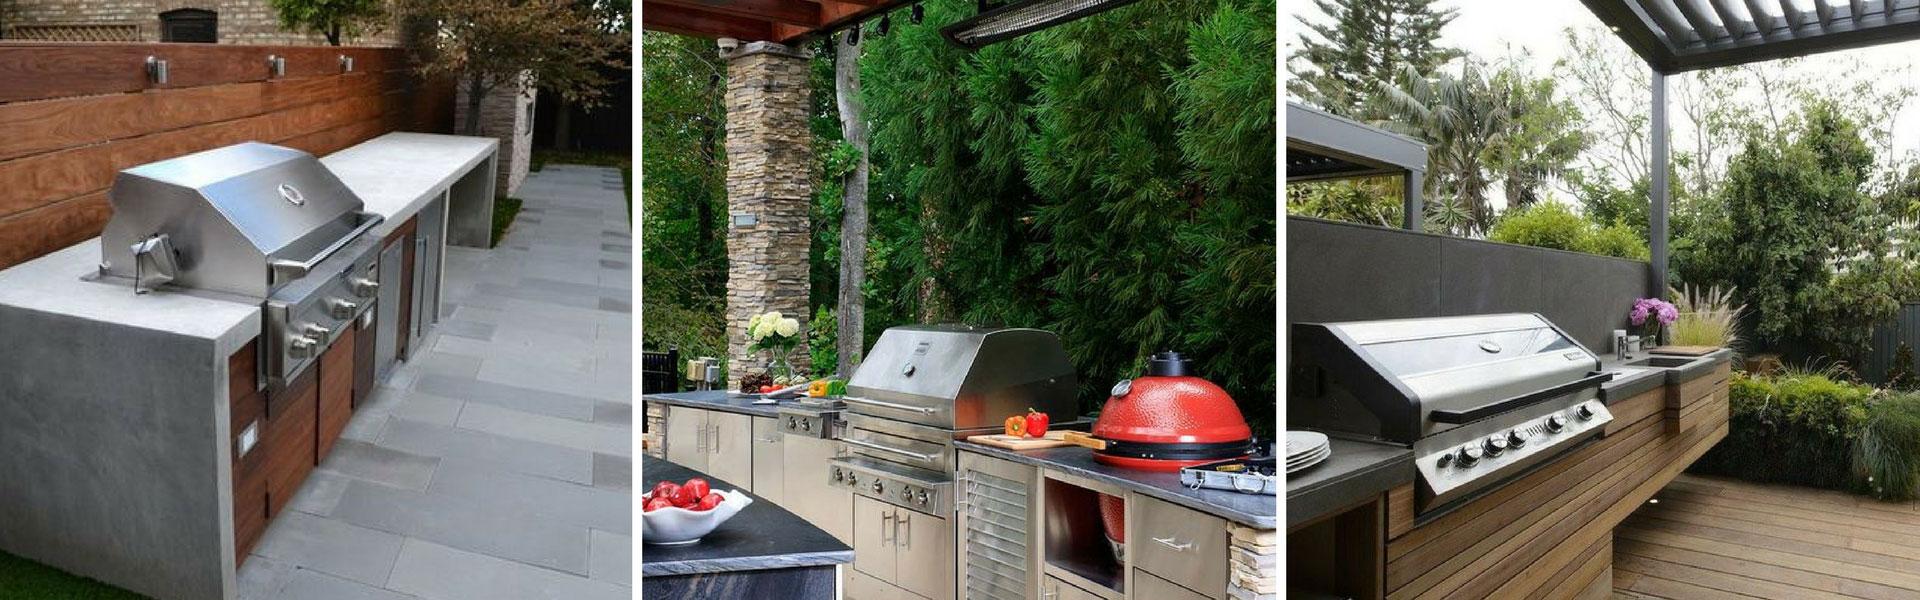 Cuisine Exterieure En Pierre aménager une cuisine extérieure : trucs et conseils   kalla